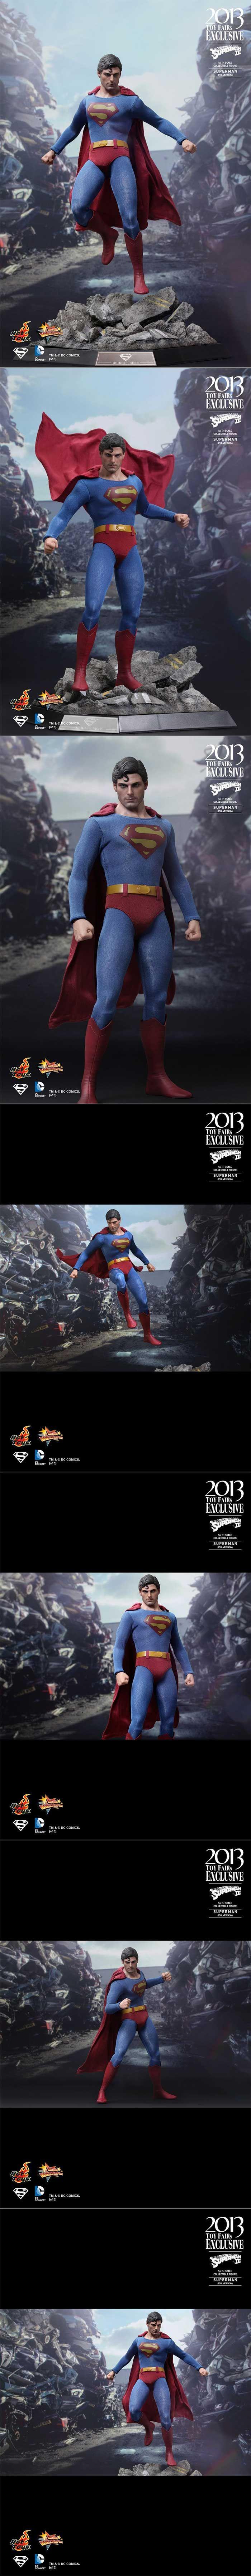 [2013 Toy Fair Exclusive - Superman (Evil version)]